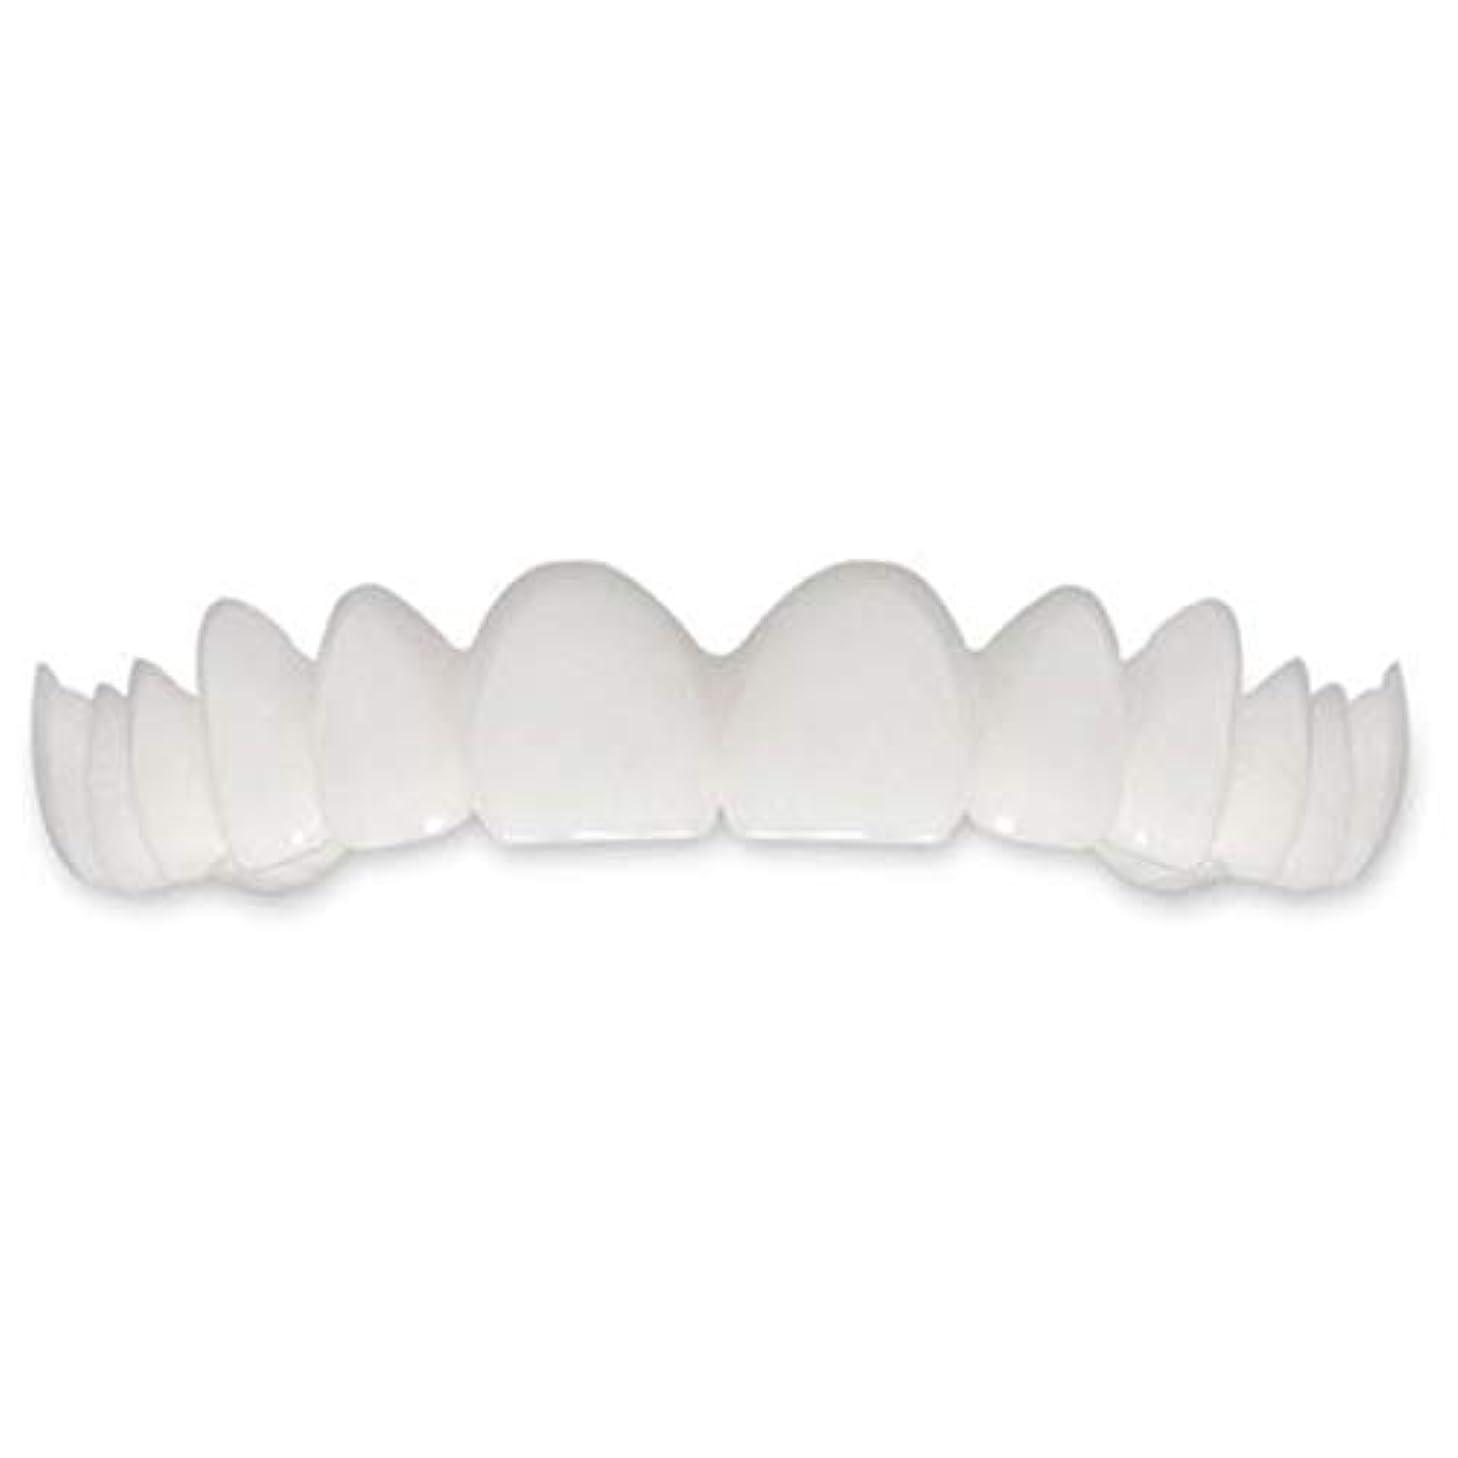 テメリティフリンジ成り立つ歯インスタントパーフェクトスマイルフレックス歯ホワイトニングスマイル偽歯カバー-Rustle666